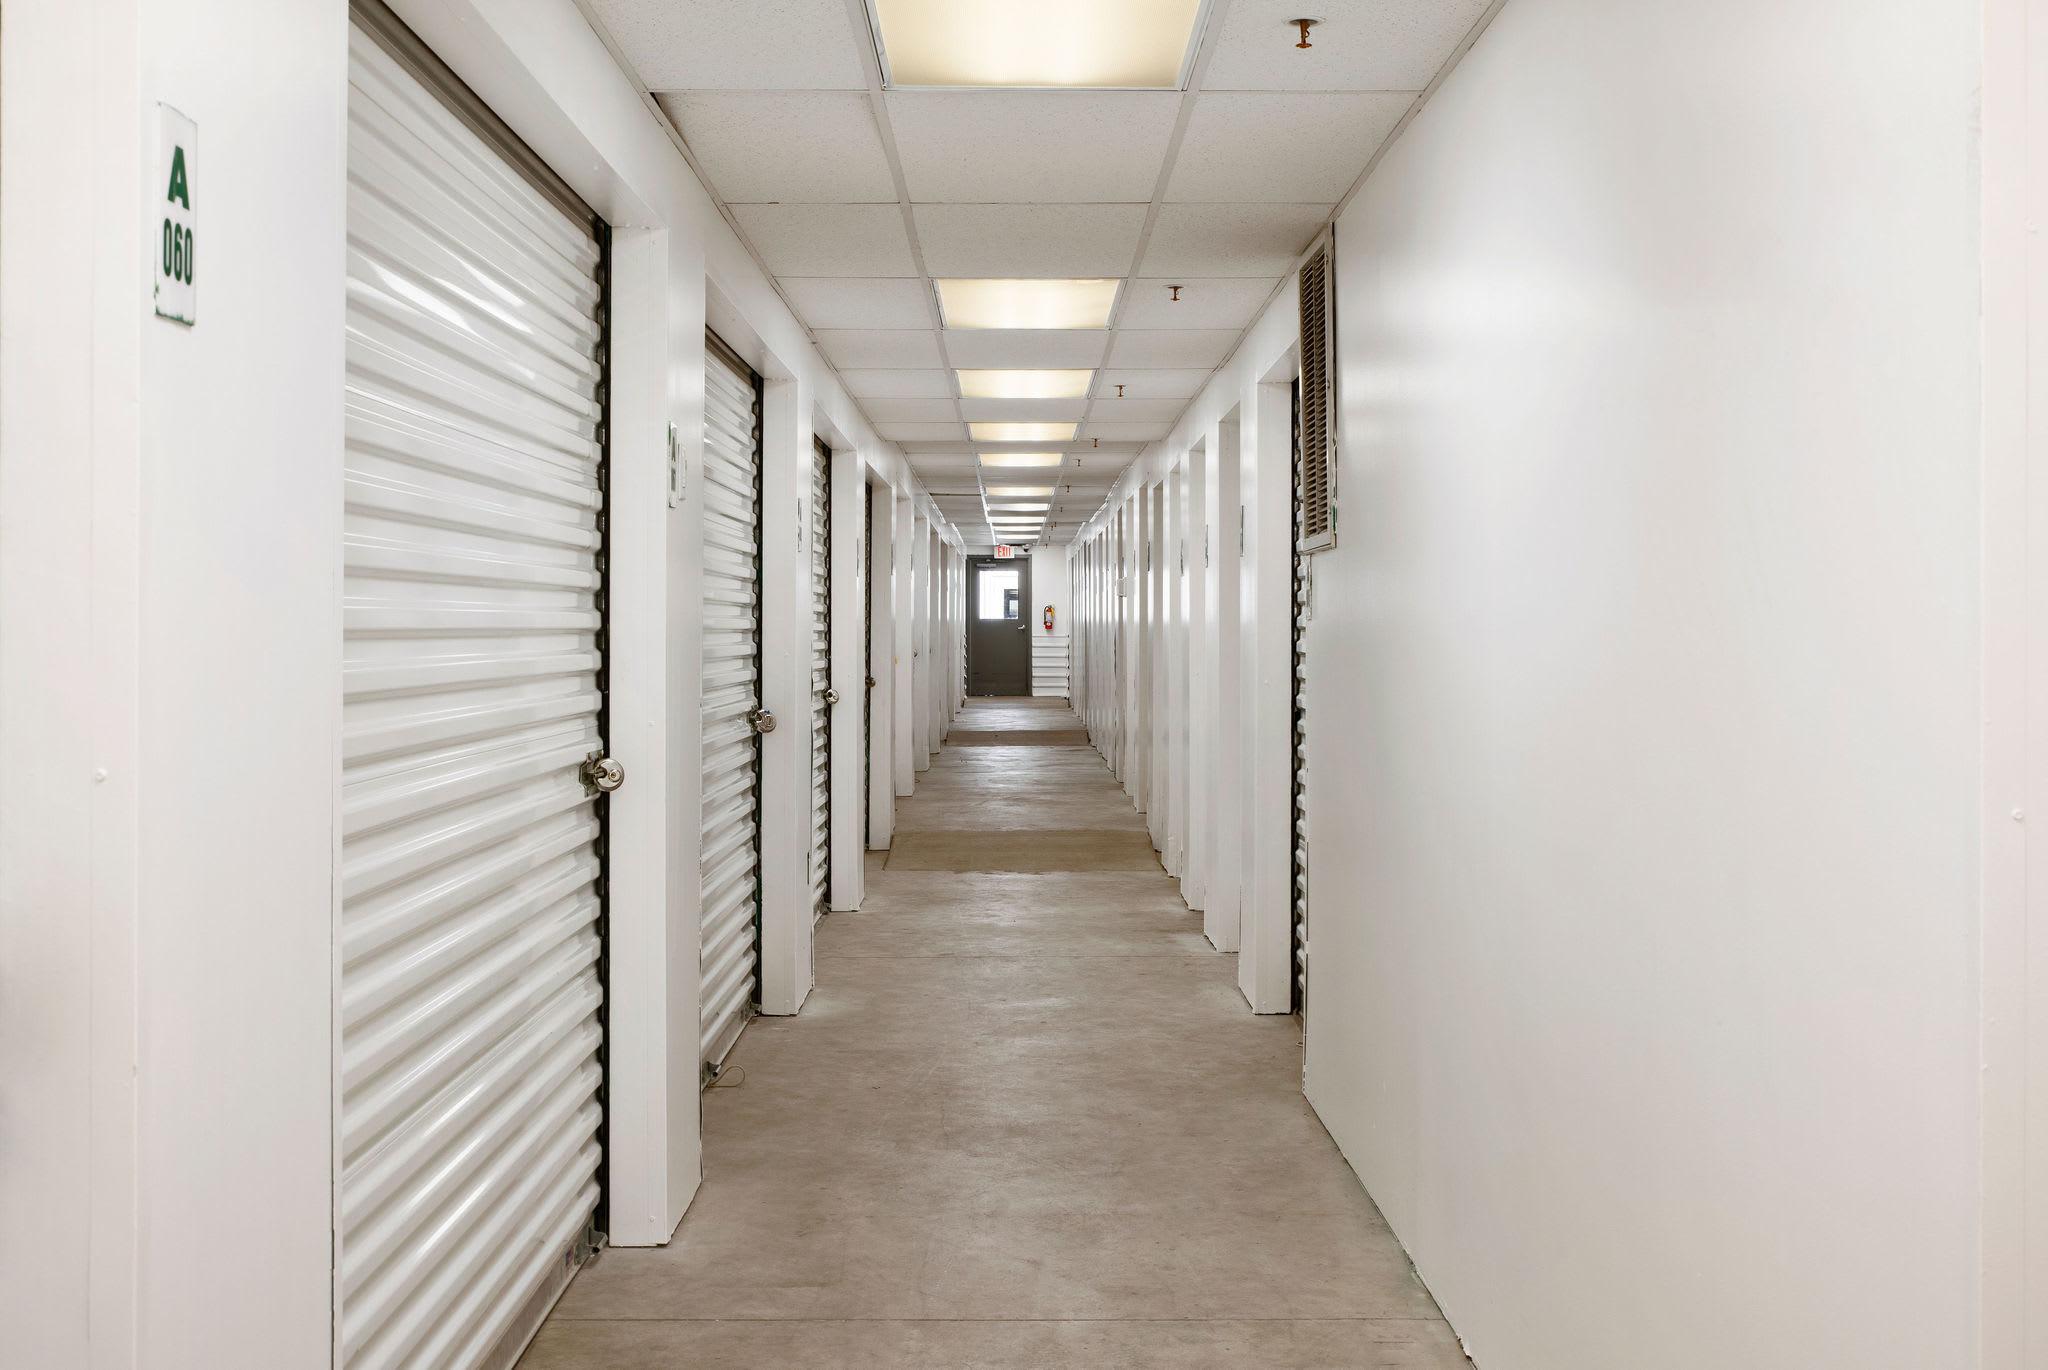 Indoor storage unit at Stor'em Self Storage in Sandy, Utah